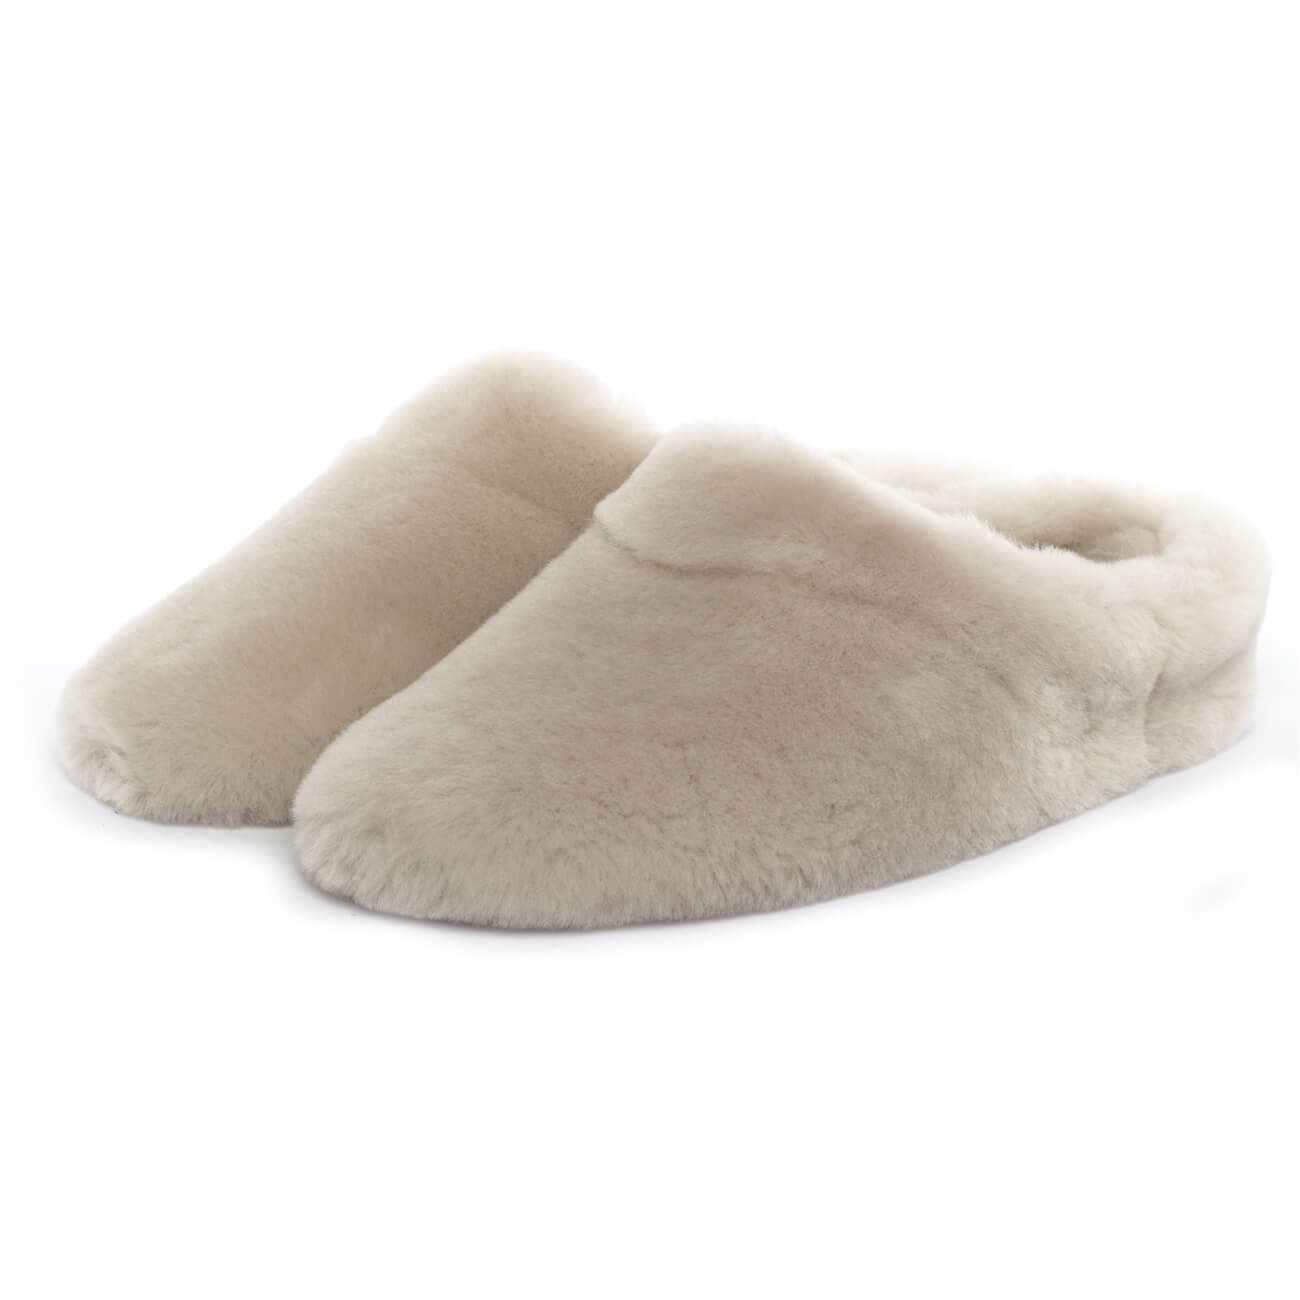 Giesswein Gerolding creme beige perle Schuhe Pantoffel Hausschuhe Damen